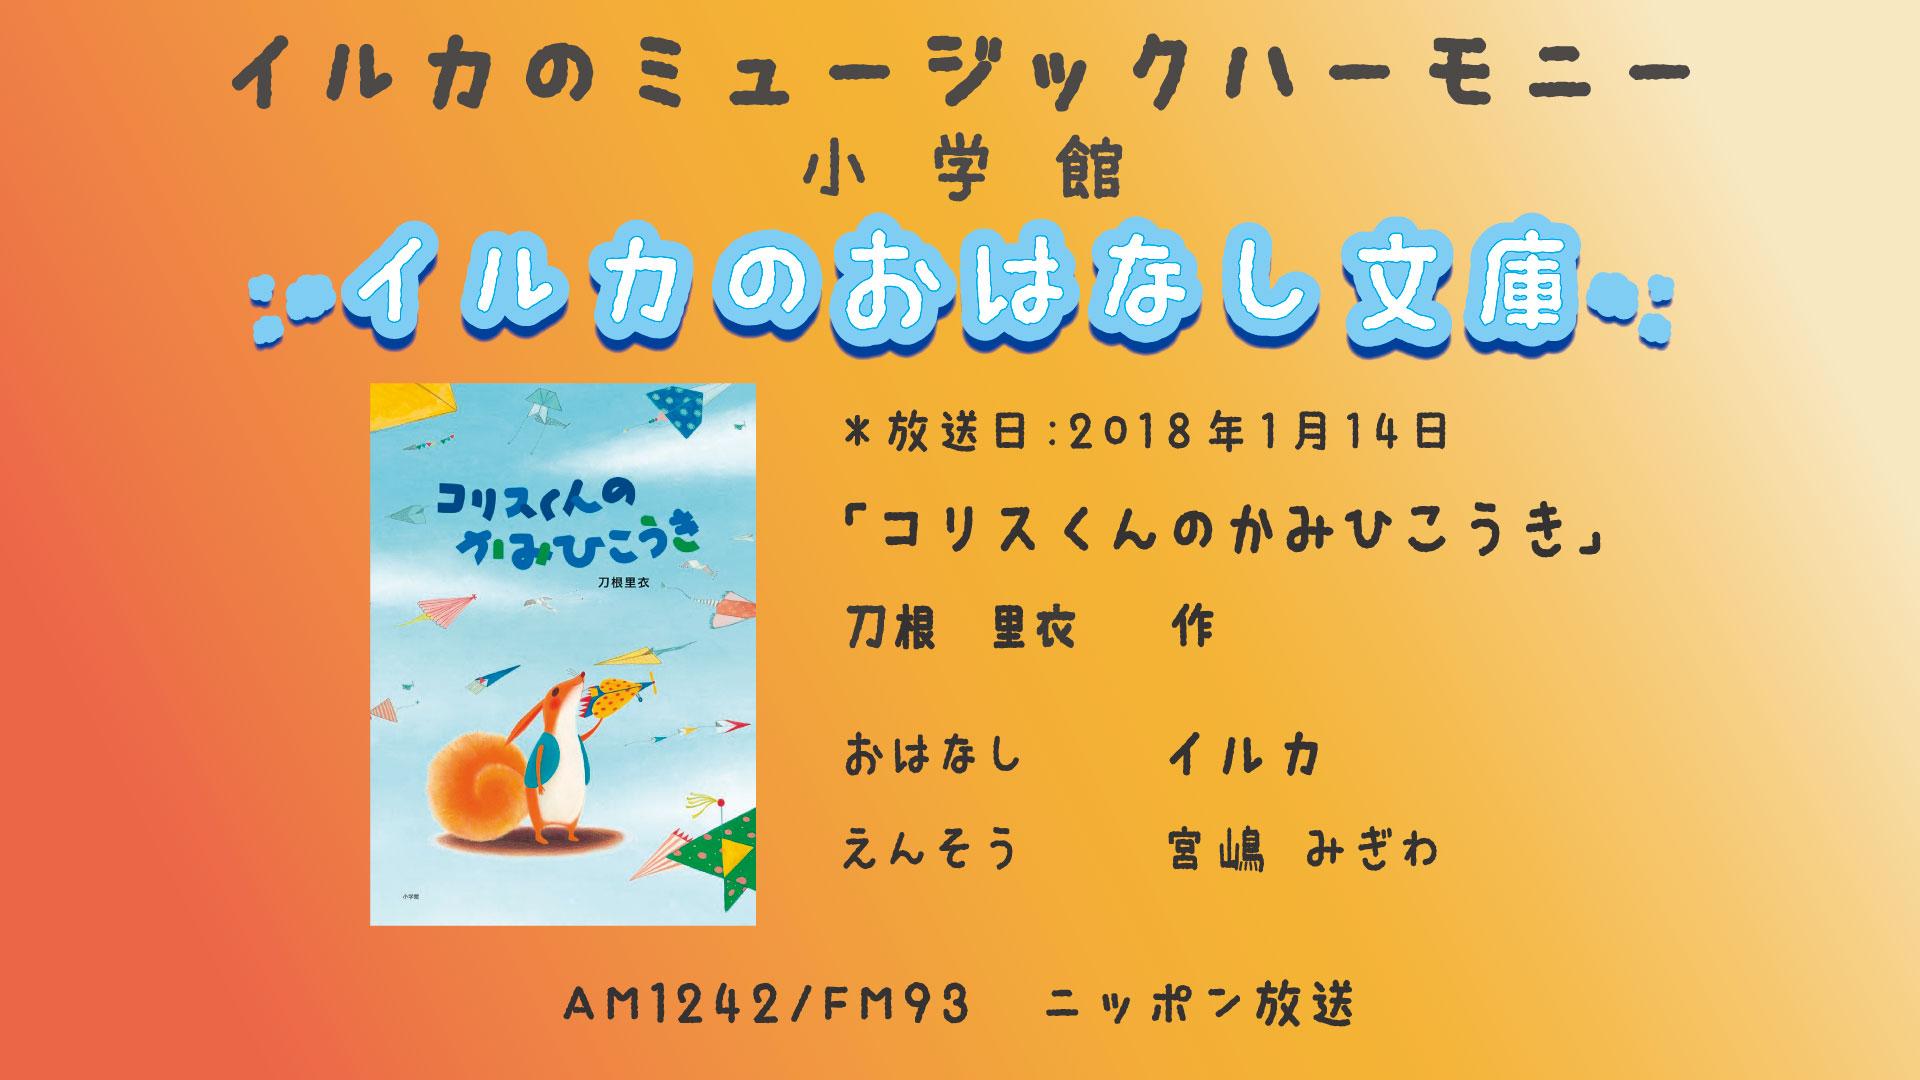 「コリスくんのかみひこうき」(1)イルカのおはなし文庫第100回